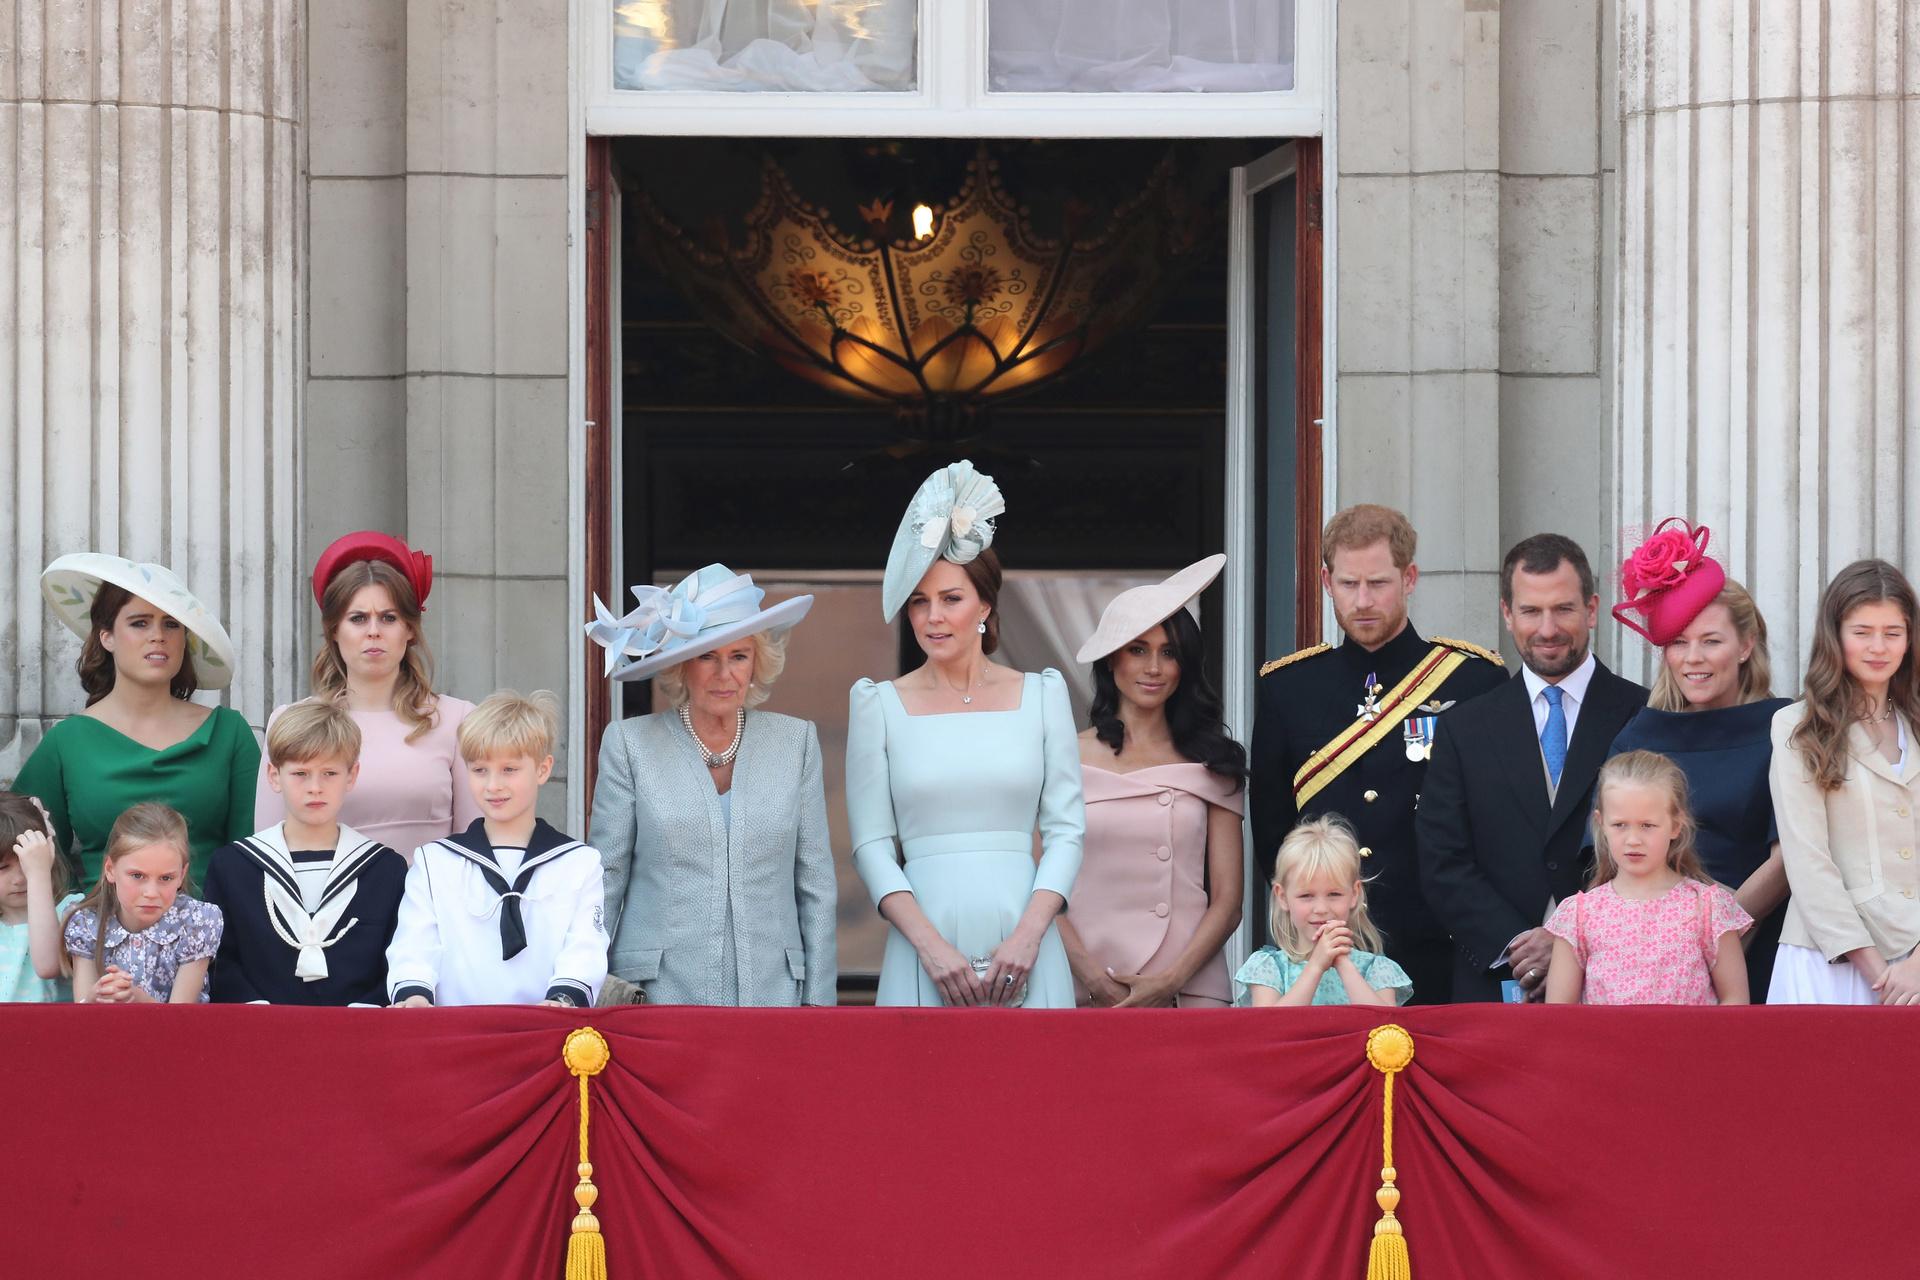 Schön, glamourös, charakterstark: Die Ehefrauen von Charles, William und Harry sind ein Glücksfall für das britische Königshaus. Doch wie harmonisch geht es hinter den royalen Kulissen zu?  © ZDF/chris jackson